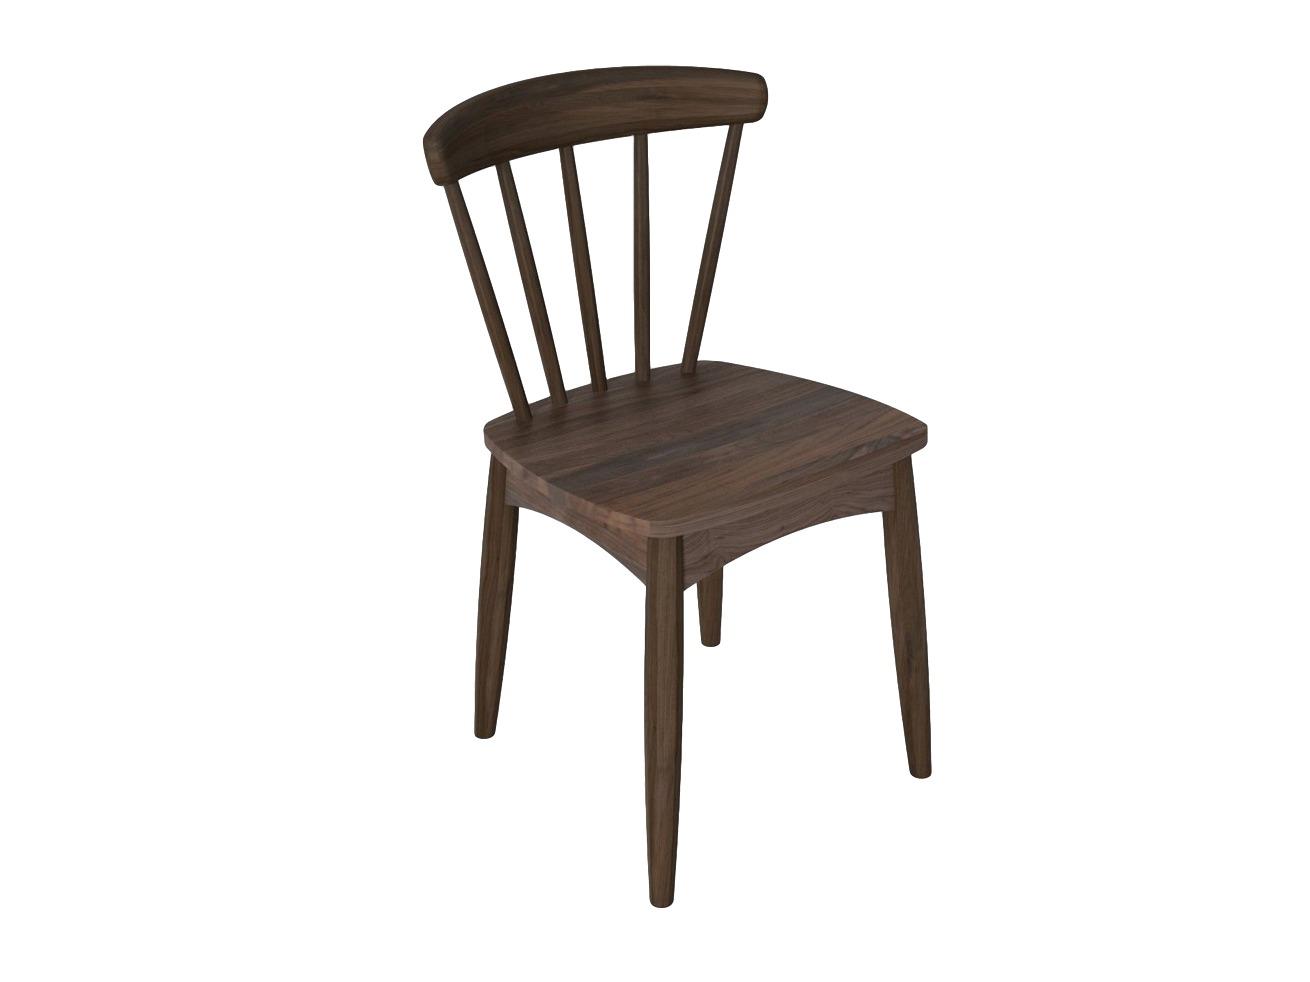 Стул TwistОбеденные стулья<br>Стул из массива американского черного ореха коллекции Twist.<br><br>Material: Орех<br>Length см: None<br>Width см: 44<br>Depth см: 47<br>Height см: 77<br>Diameter см: None